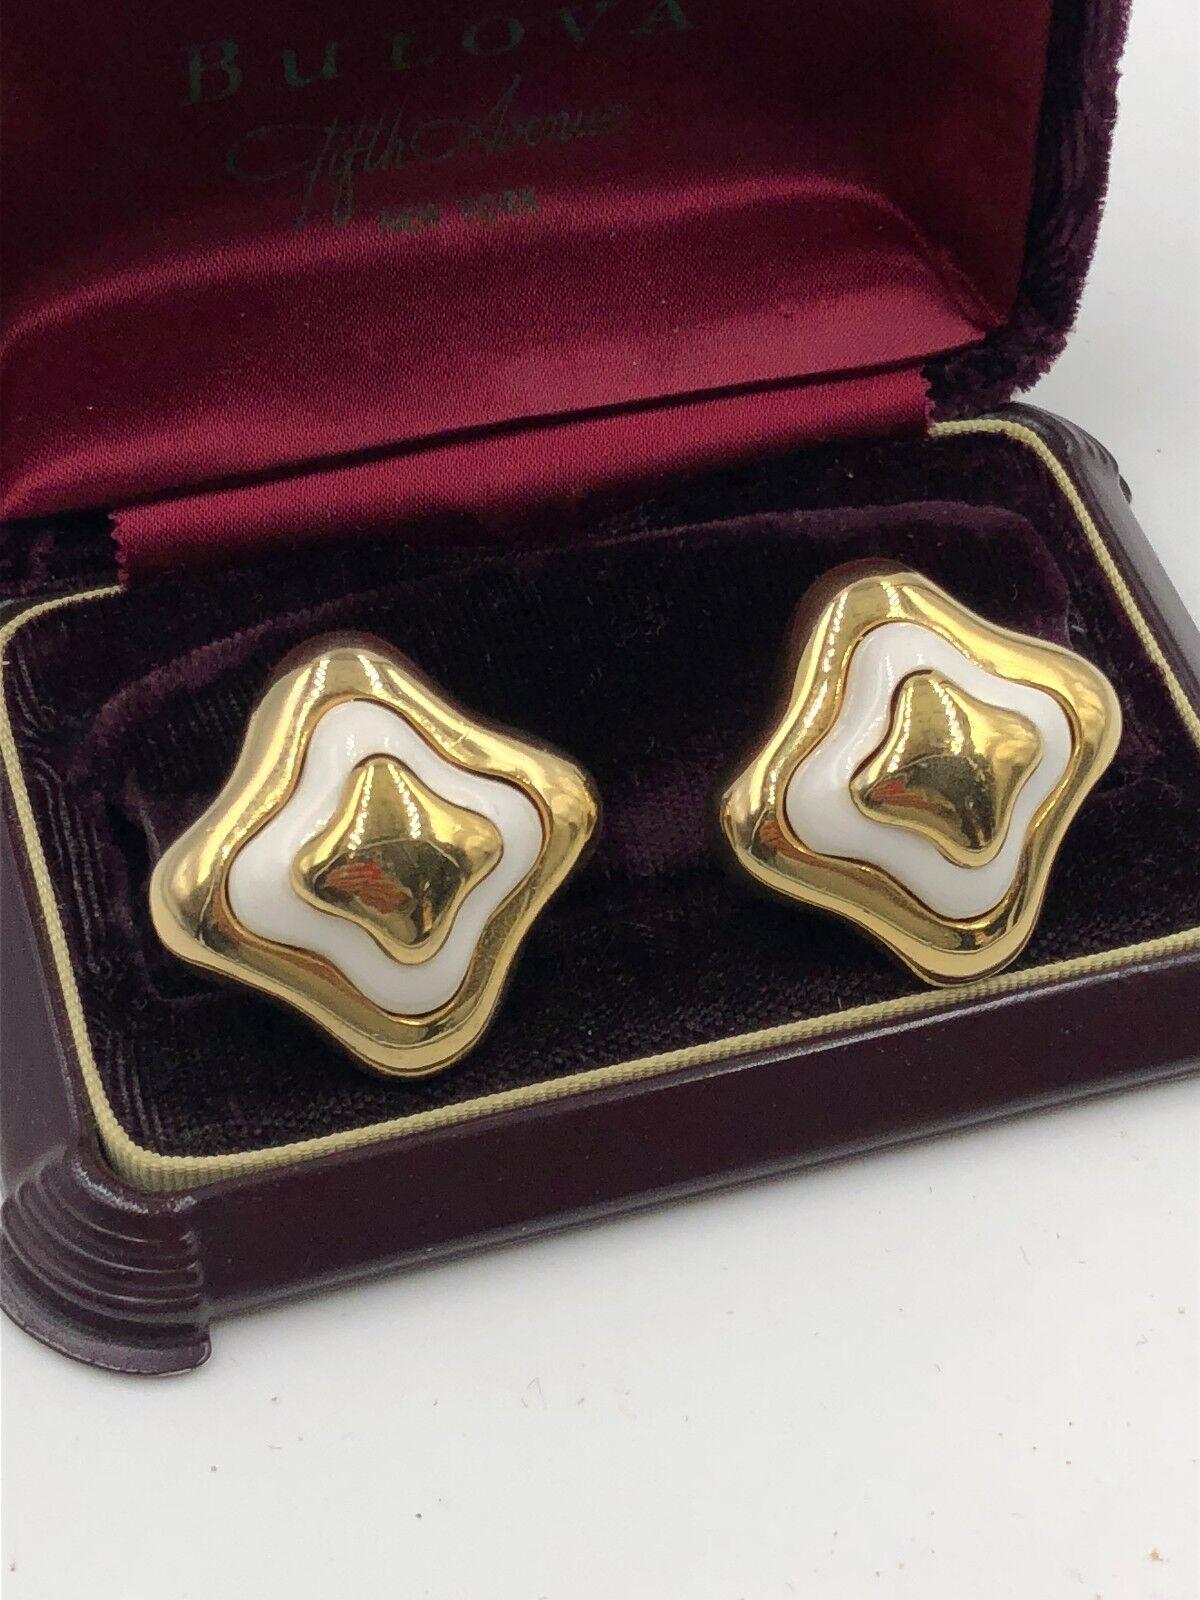 VINTAGE LANVIN SIGNED GOLD ENAMEL EARRINGS CLP FR… - image 2